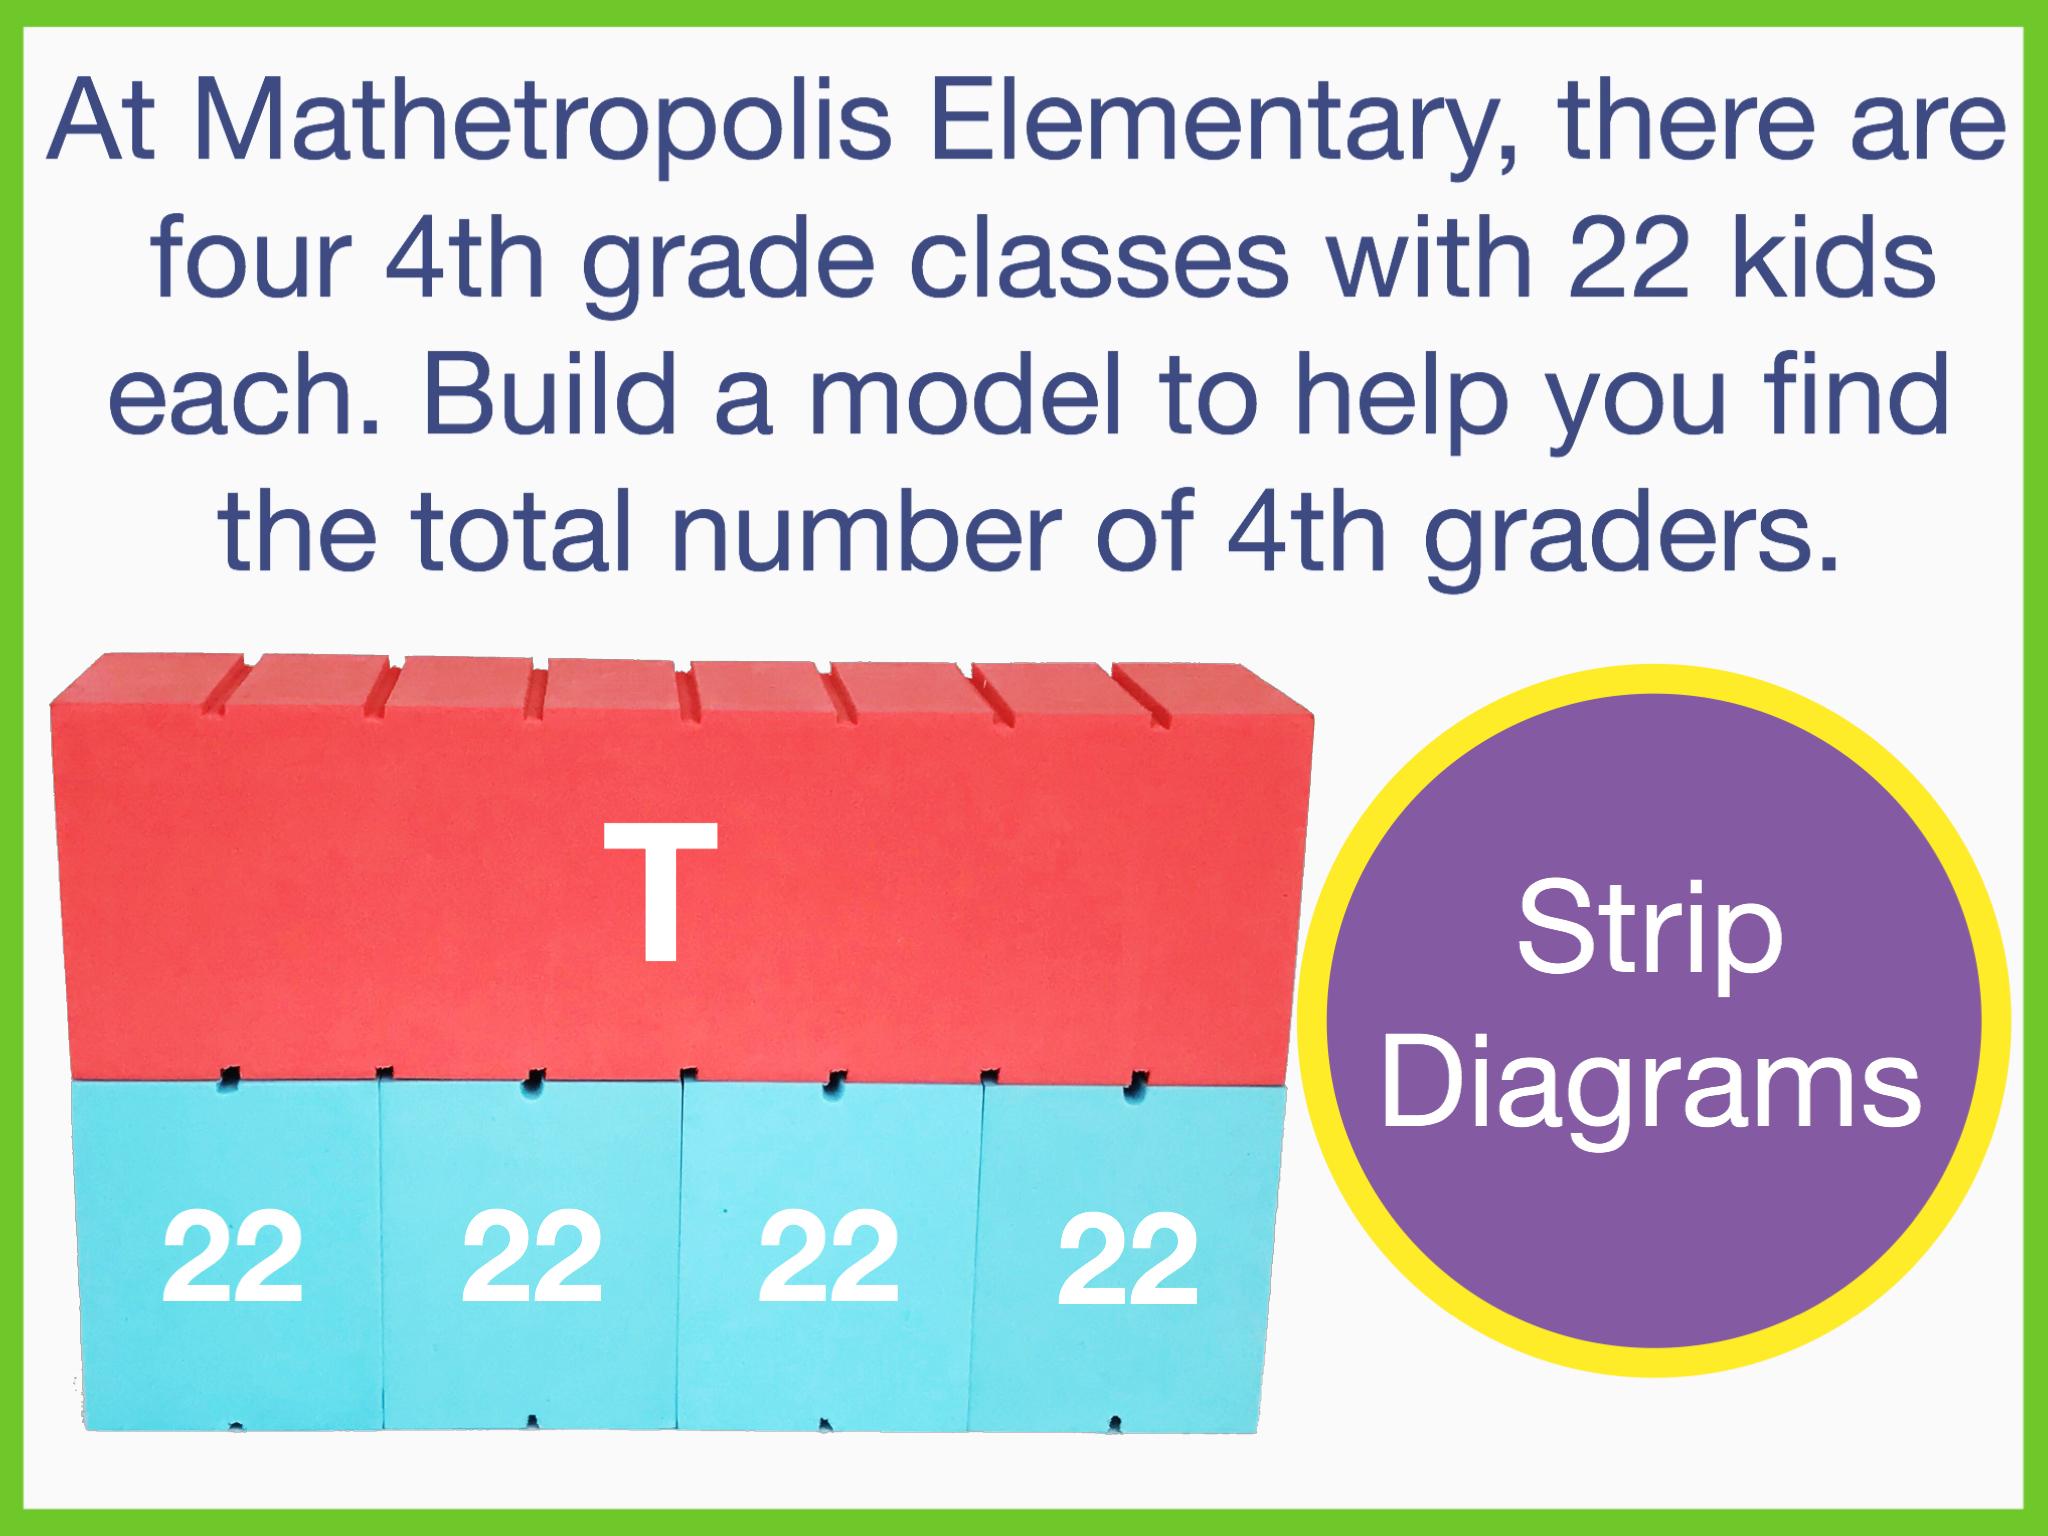 4th grade add Standards.JPG